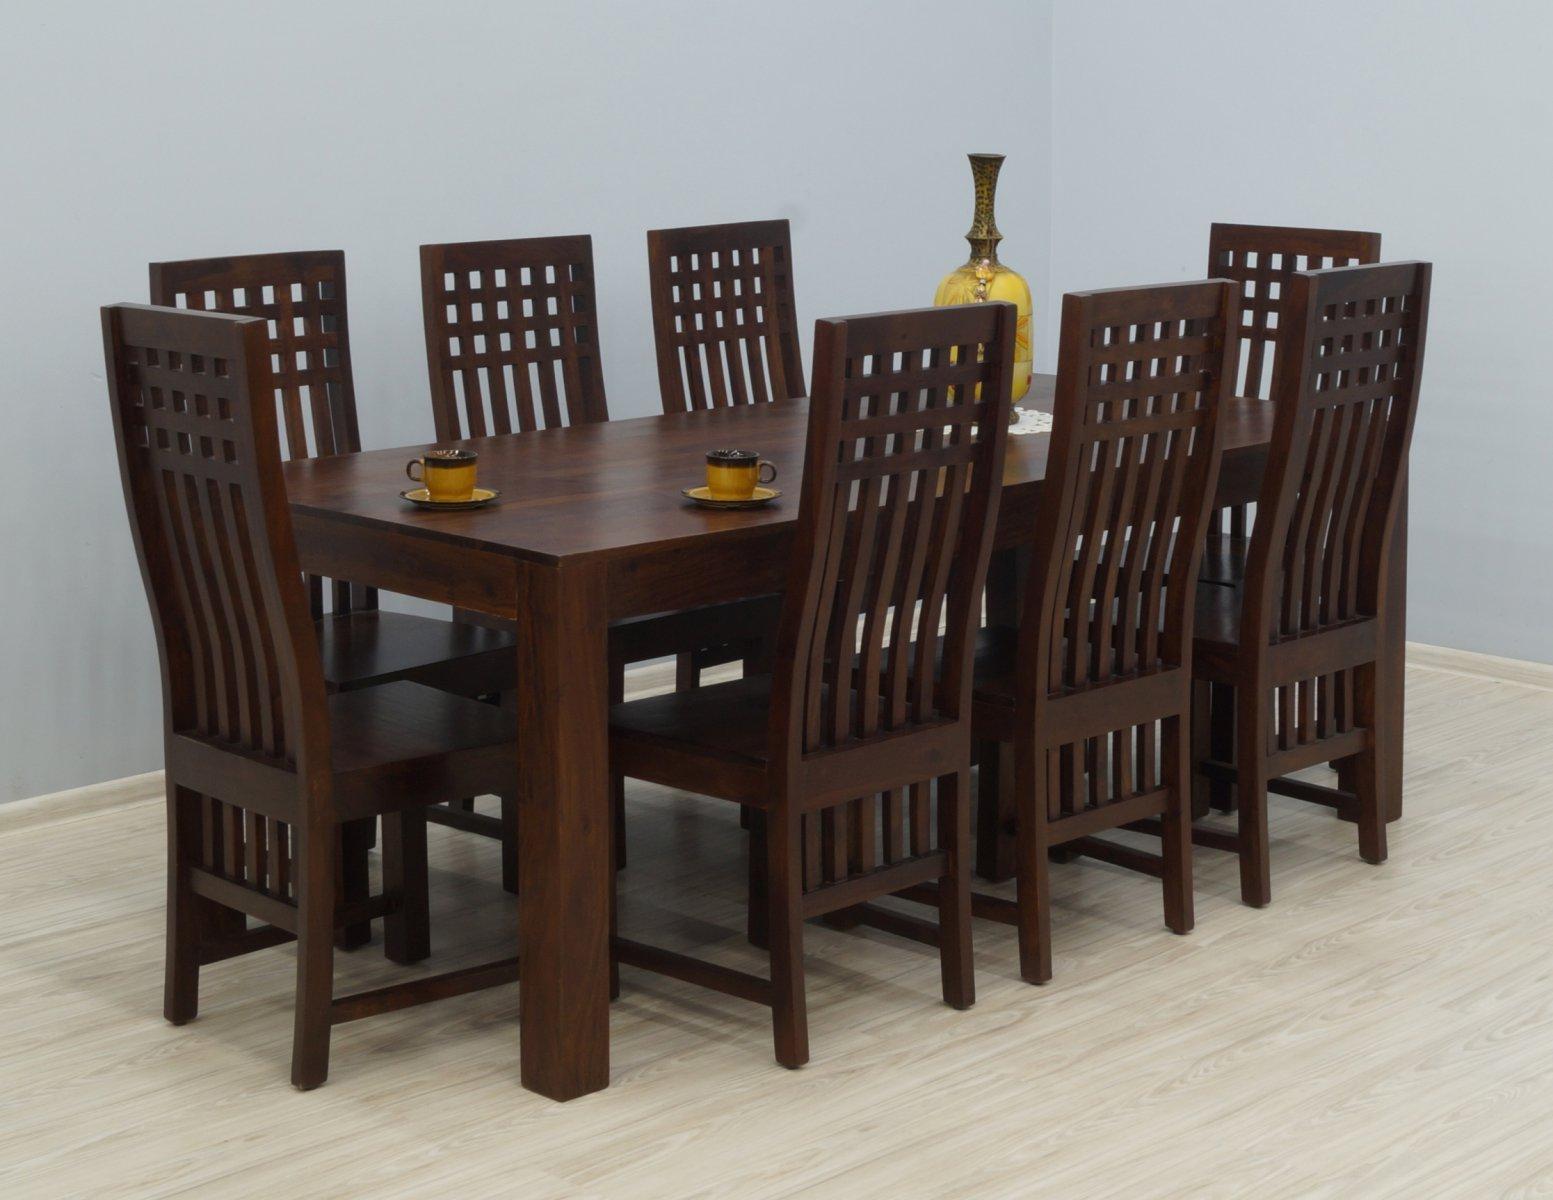 Komplet obiadowy kolonialny stół + 8 krzeseł lite drewno palisander indyjski wysokie oparcia